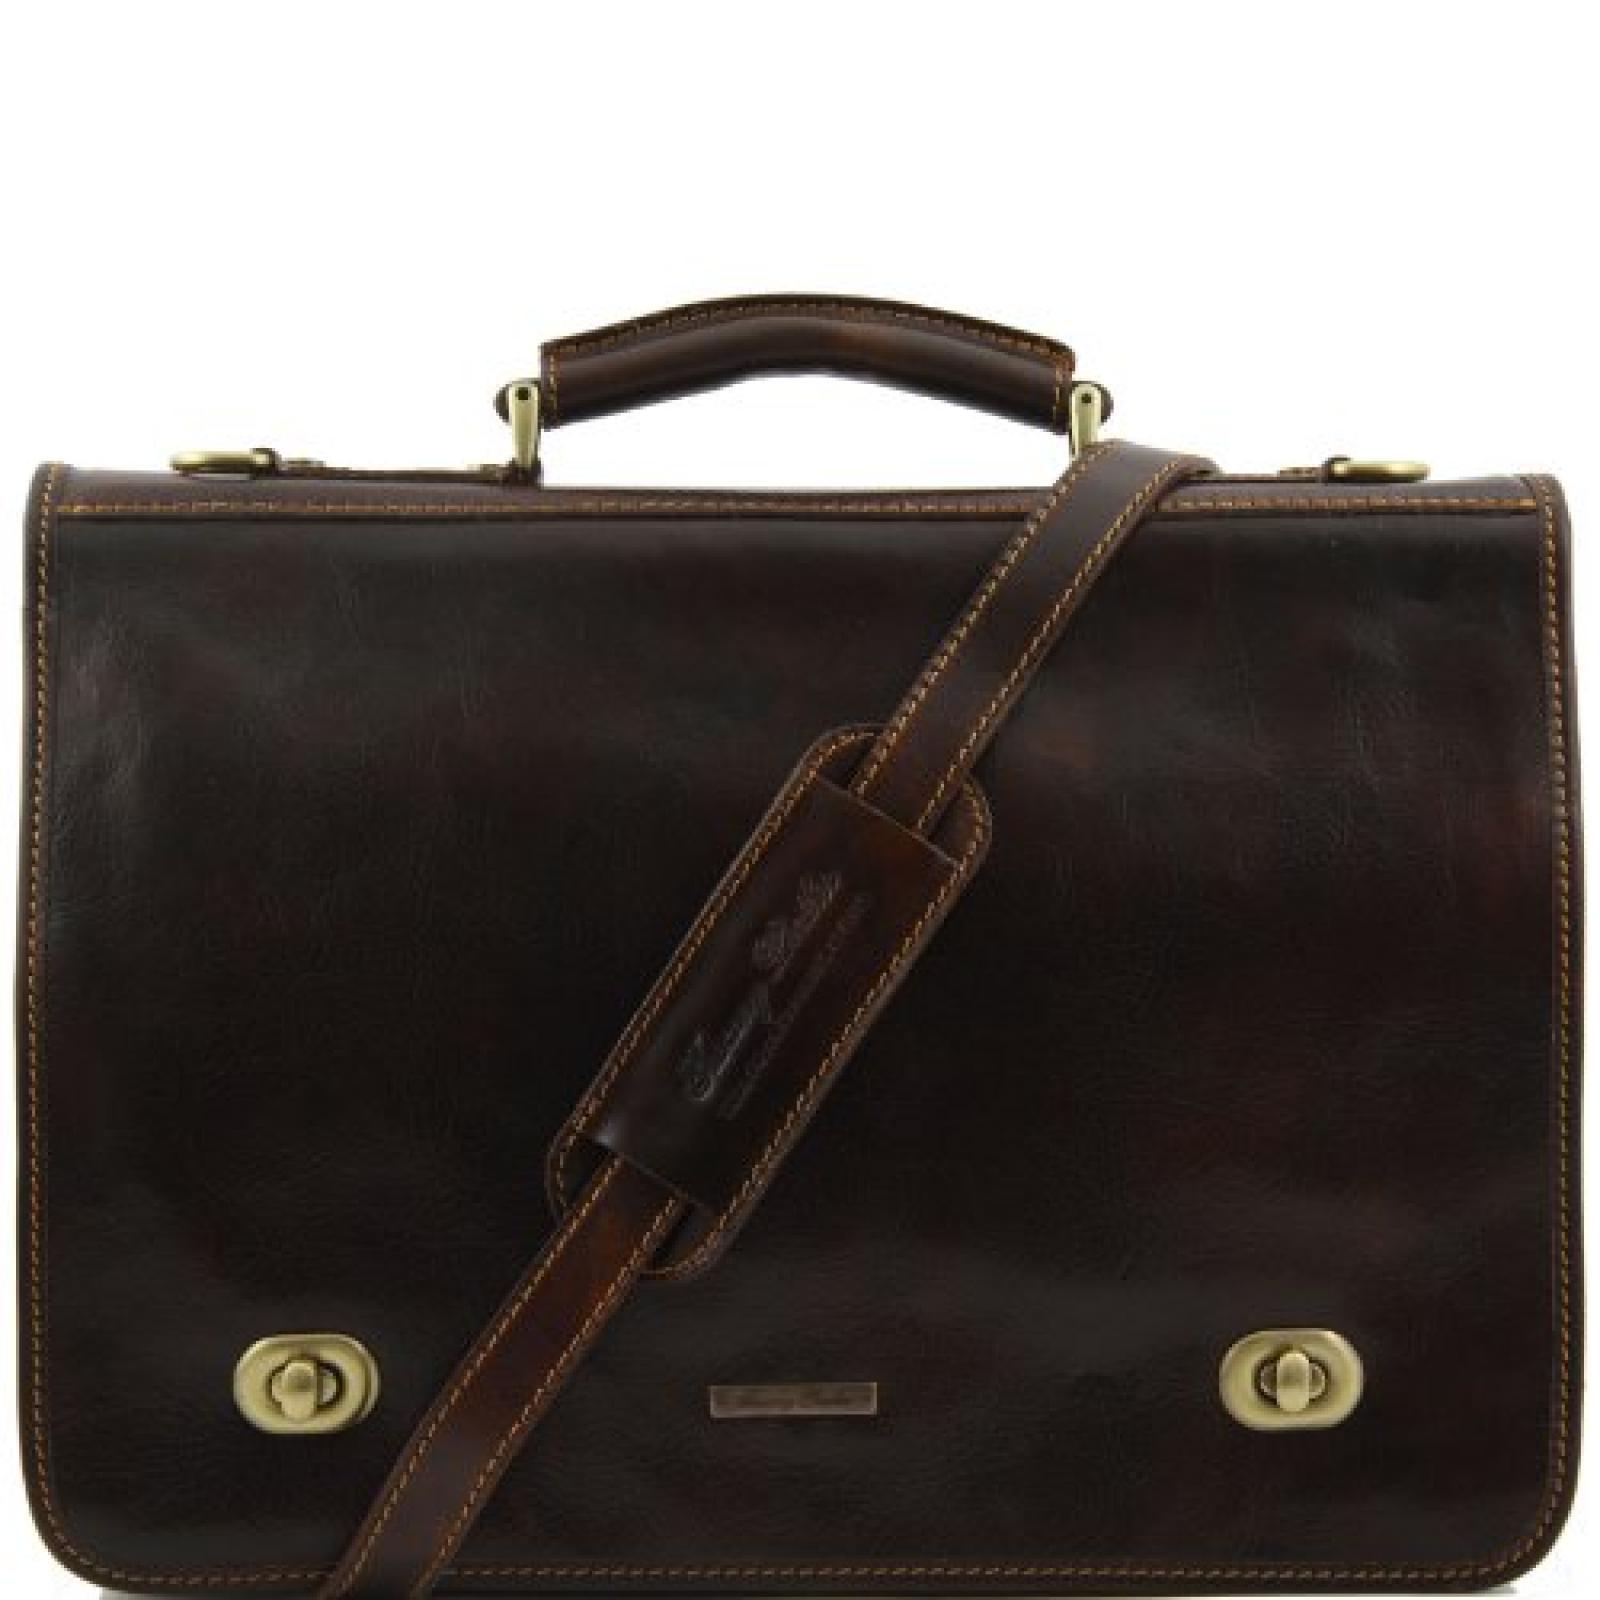 8100544 - TUSCANY LEATHER: SIENA Robuste und vielseitige Leder Messenger Tasche Aktentasche, dunkelbraun